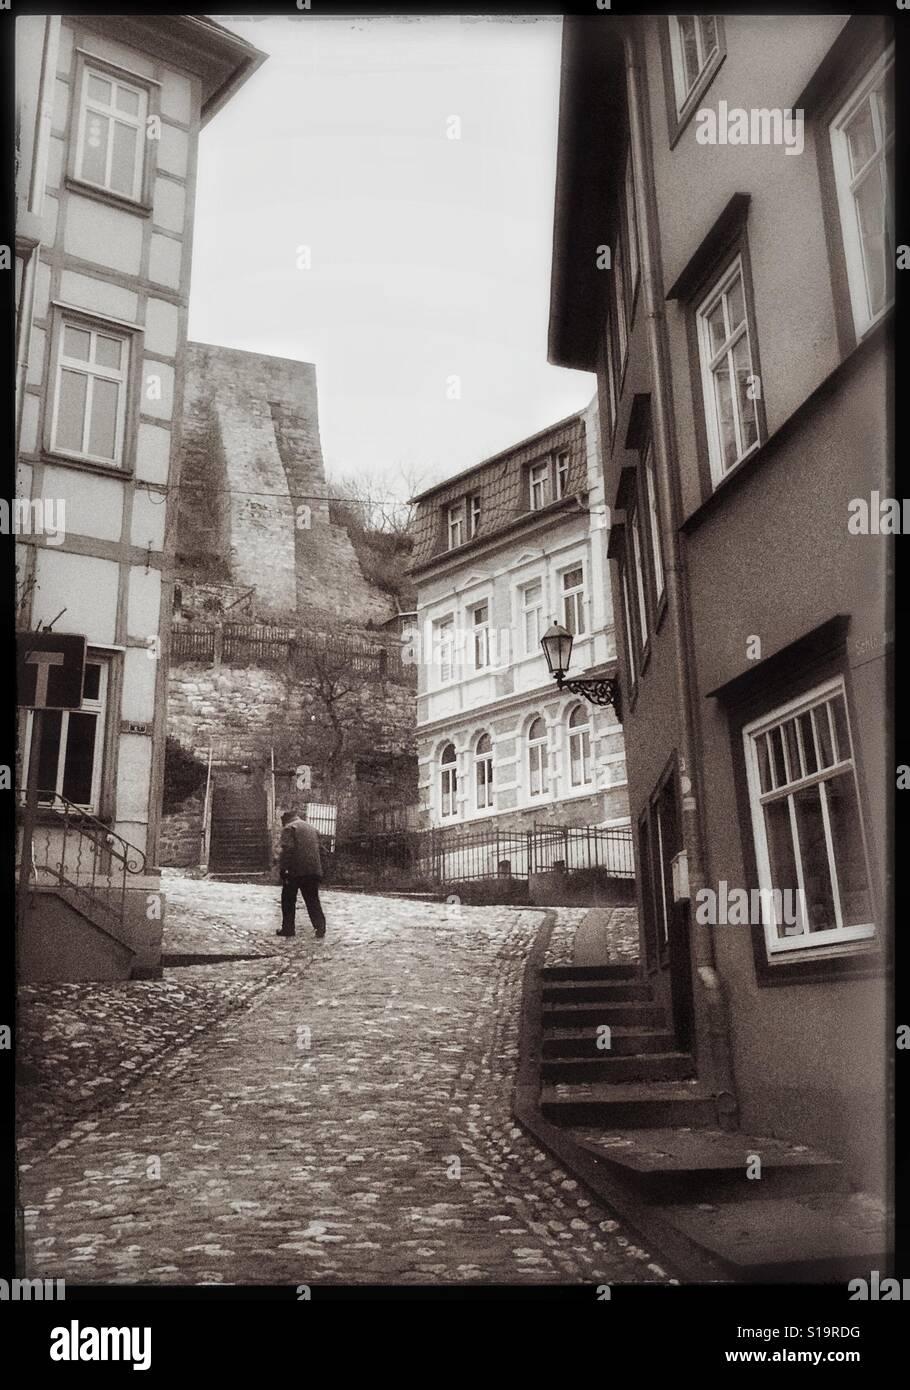 Mann zu fu auf den weg alte architektur deutschland europa schwarz wei foto stockfoto - Deutsche architektur ...